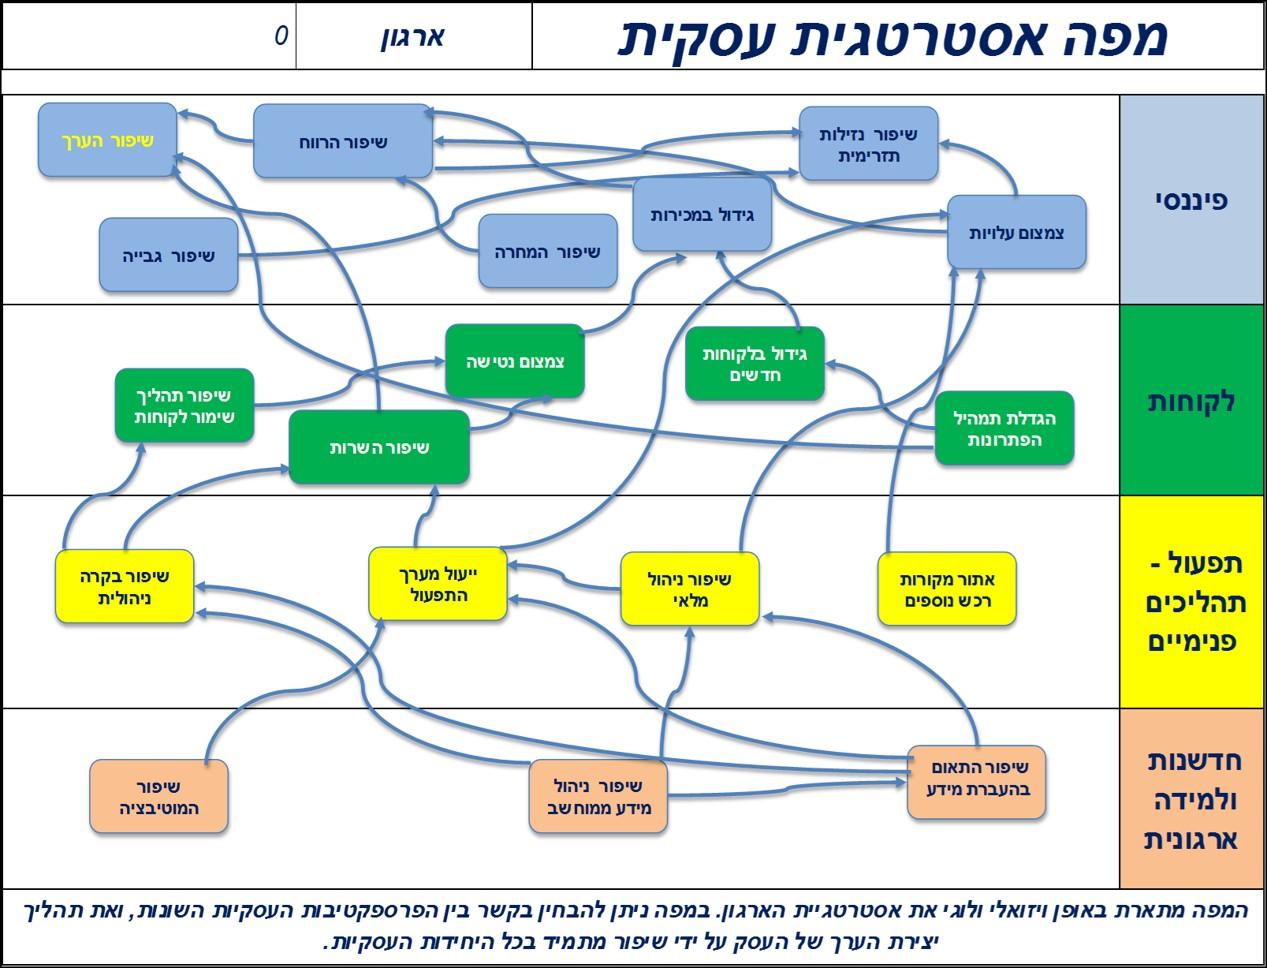 מפה אסטרטגית